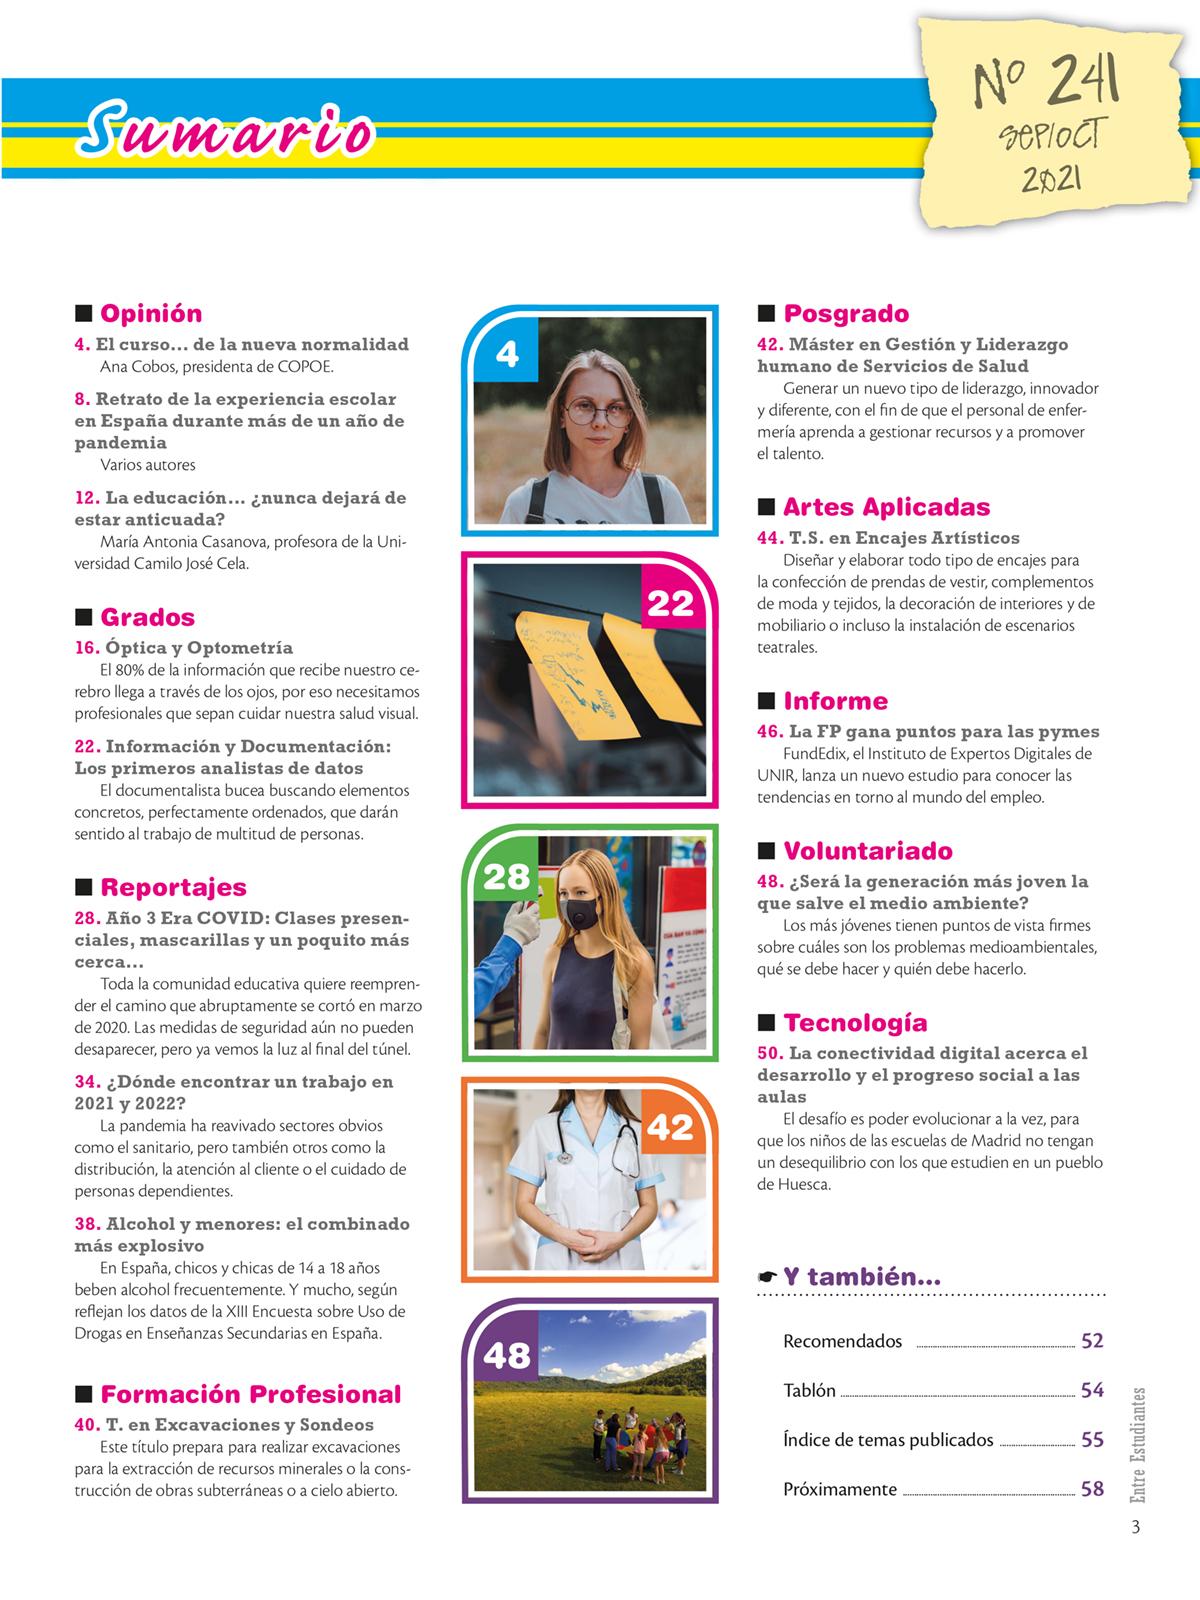 Revista Entre Estudiantes Nº 241